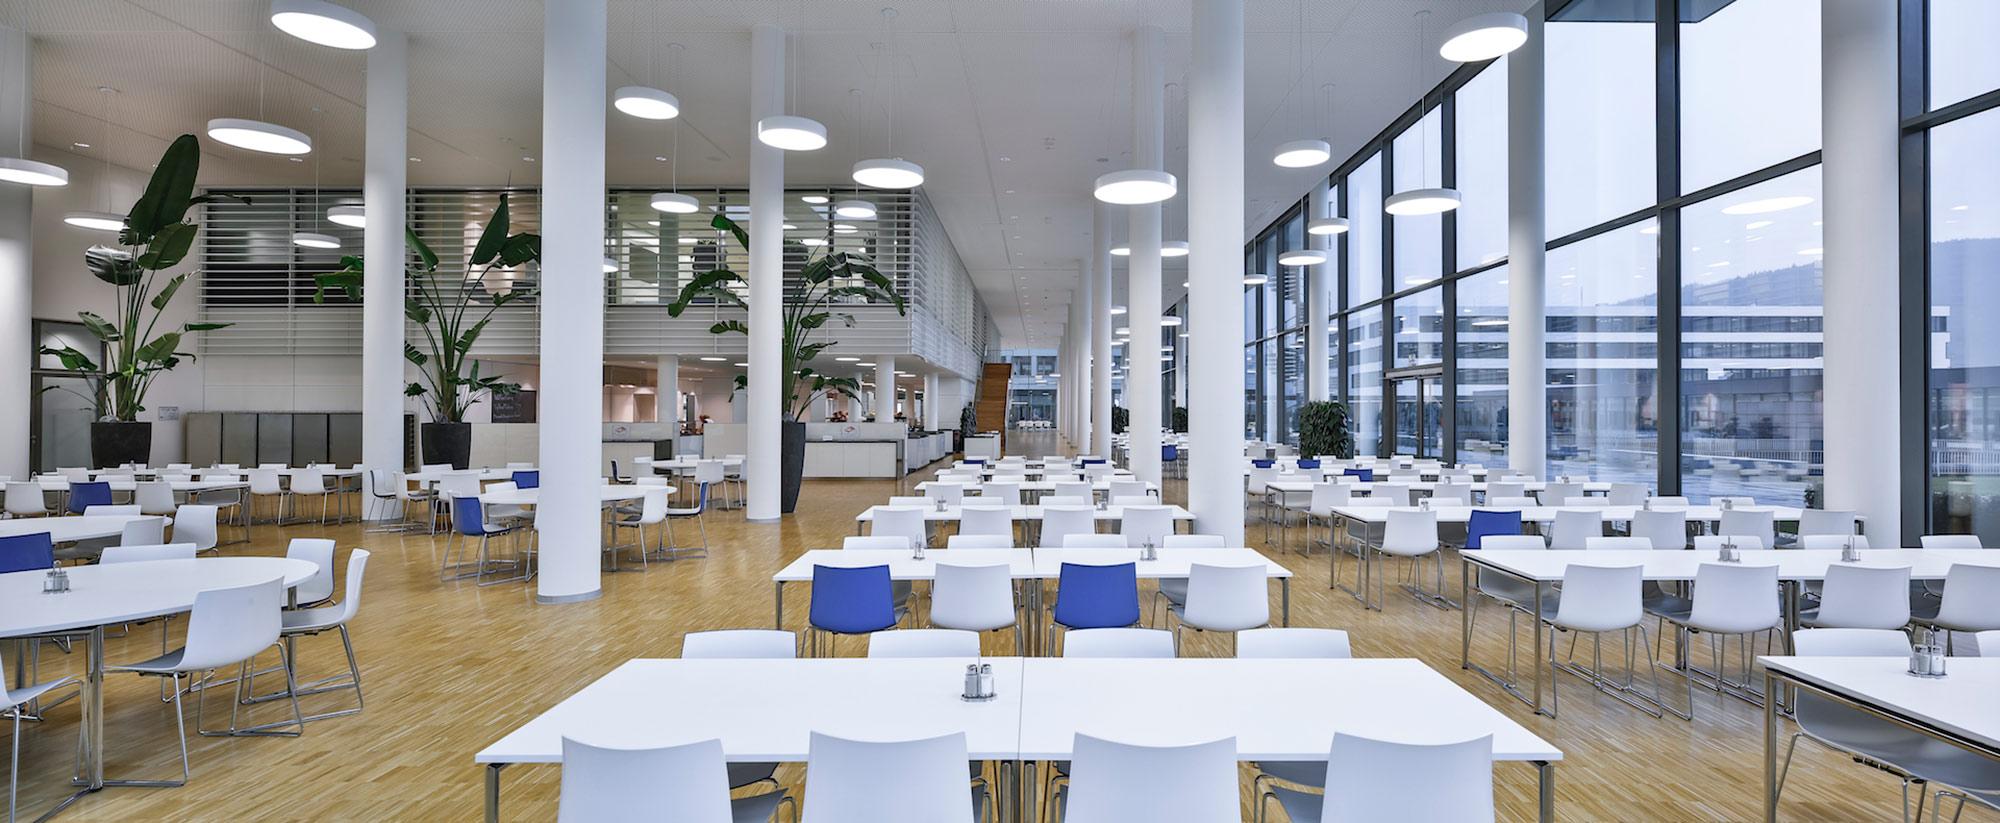 zeiss_oberkochen_betriebsrestaurant